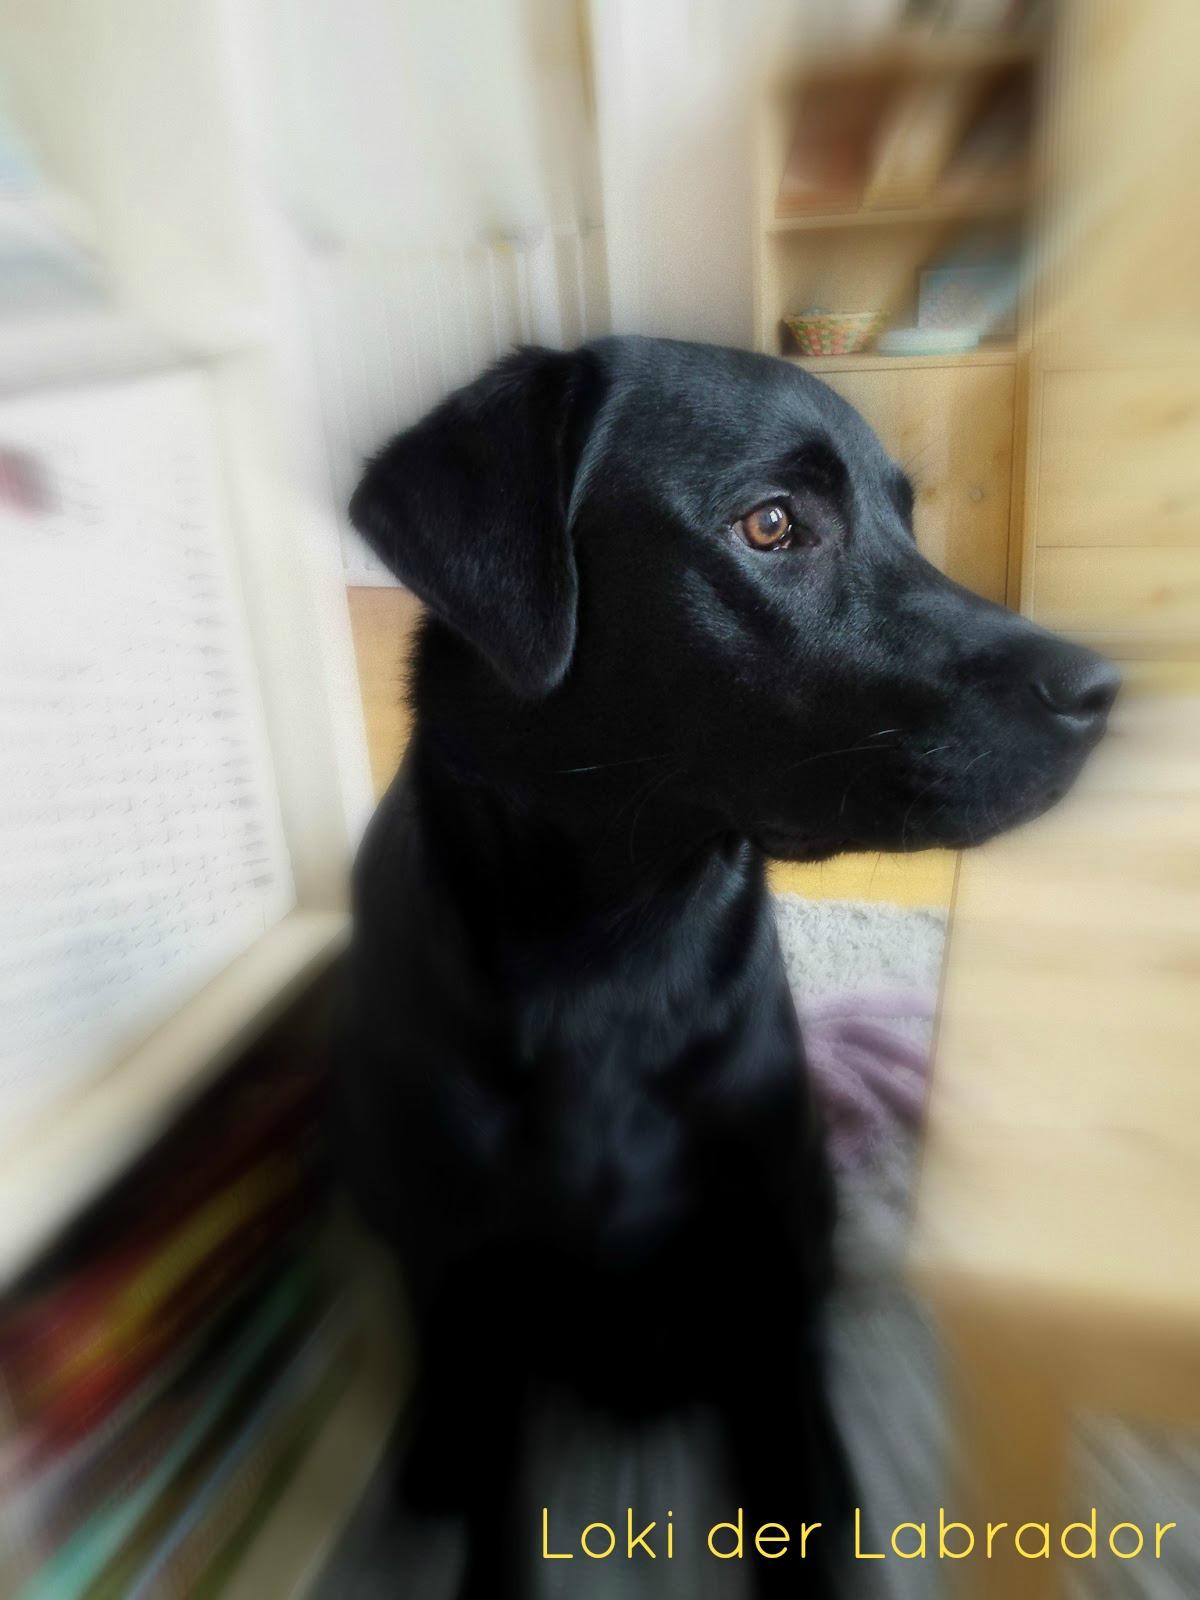 Loki der Labrador Pubertät